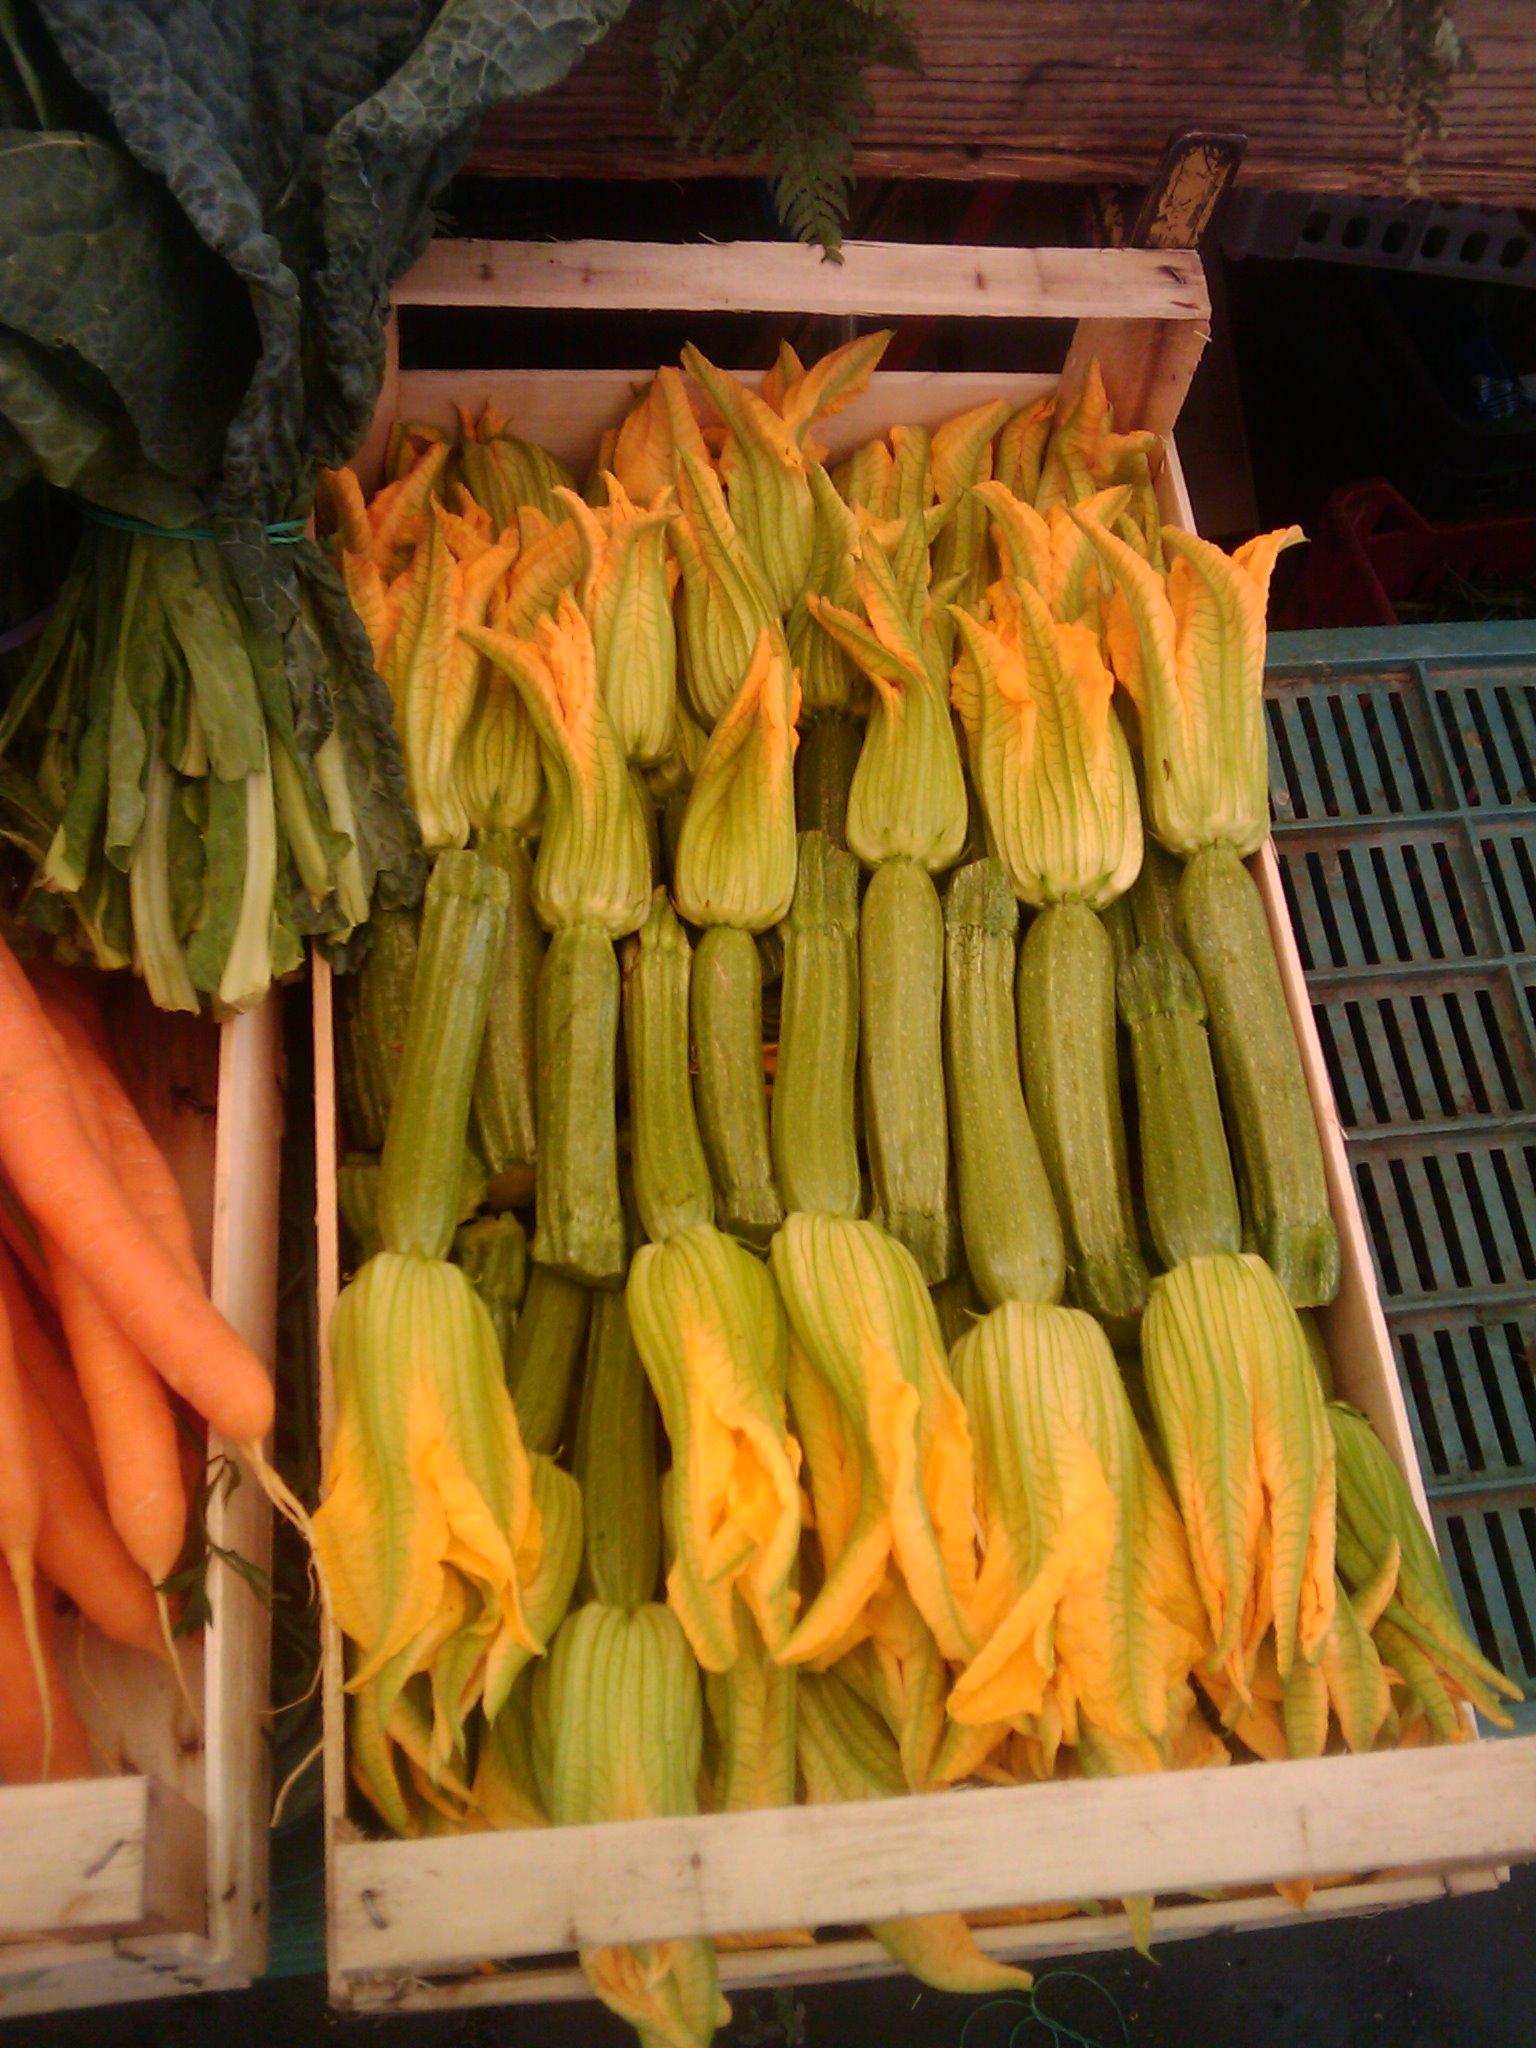 Fiori di zucca (zucchini flowerettes); Photo, Susan McCrory